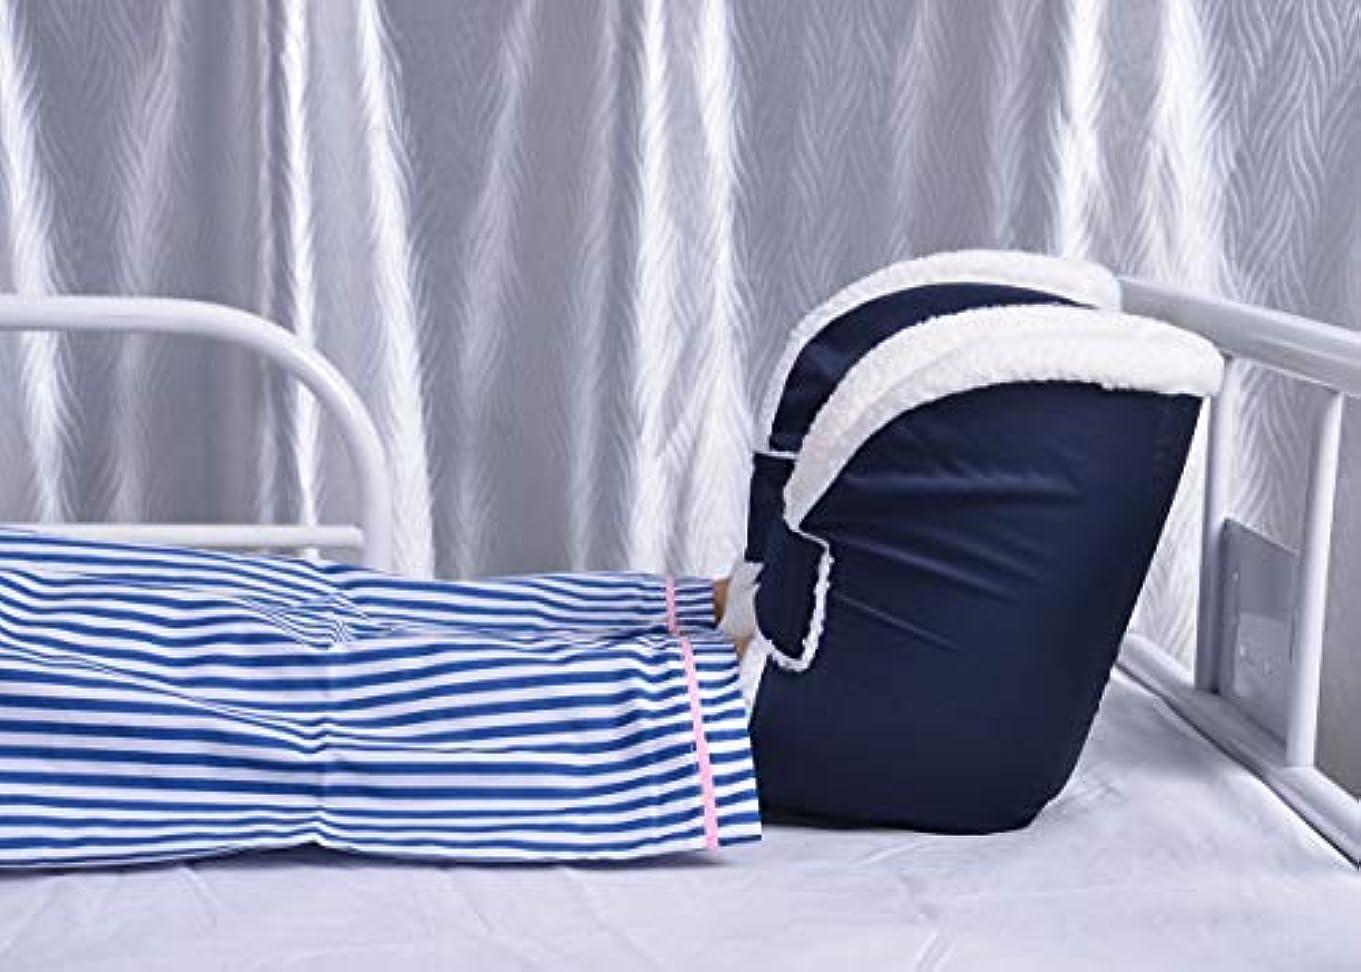 曲線男差し控えるヒールプロテクター - 1組の褥瘡足パッド枕 - かかと、足、足首&肘用ブーツ枕 - ワンサイズ